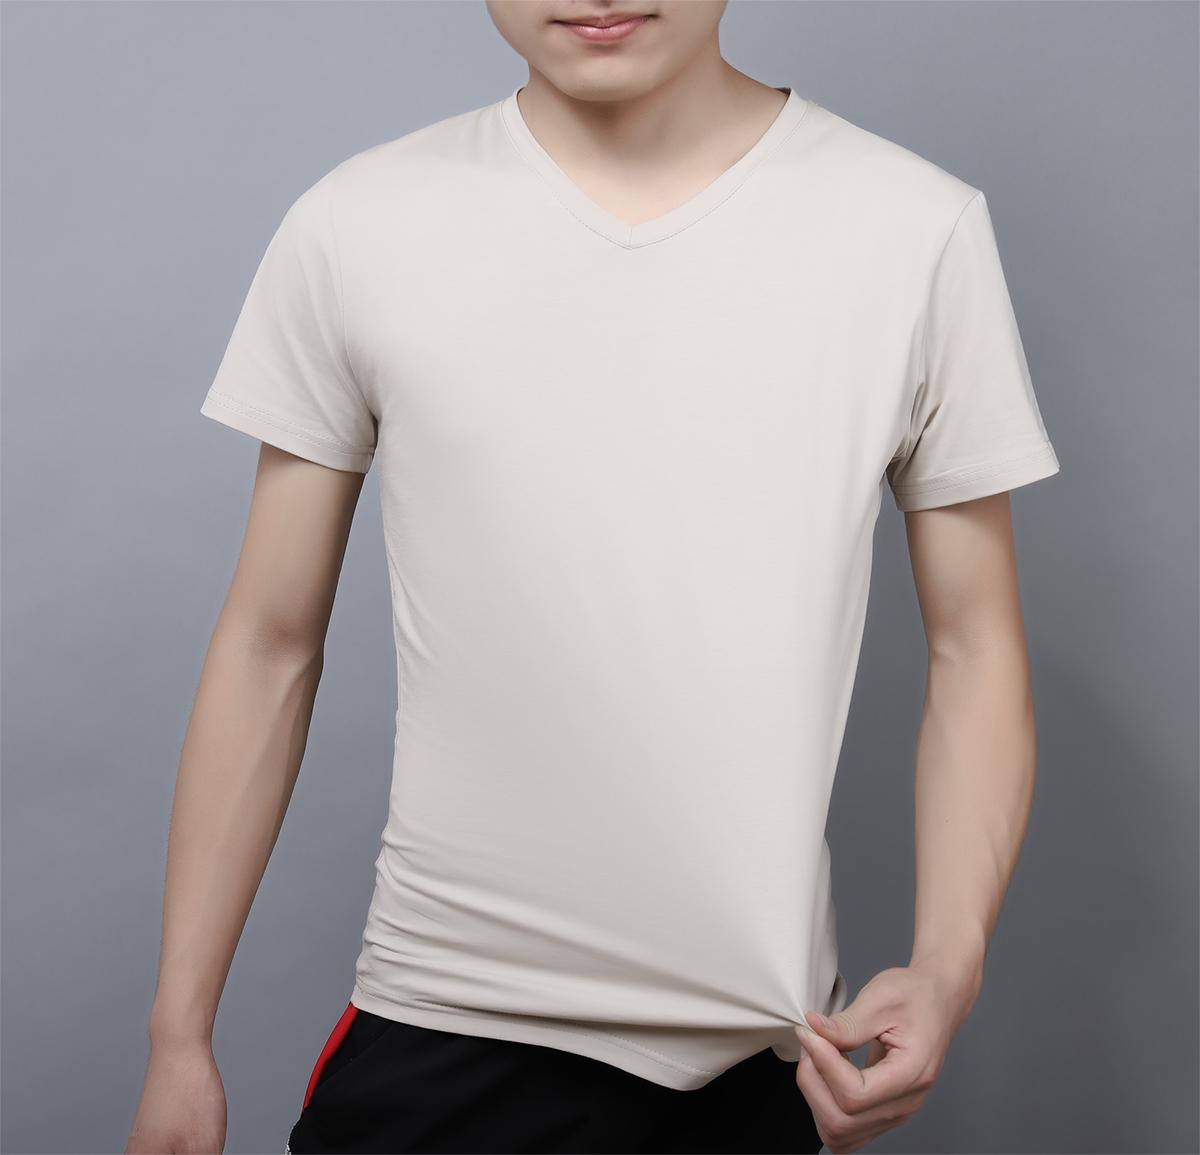 丝光纯棉t恤男中年短袖鸡心v领爸爸夏装上衣服潮流冰丝半截袖男装